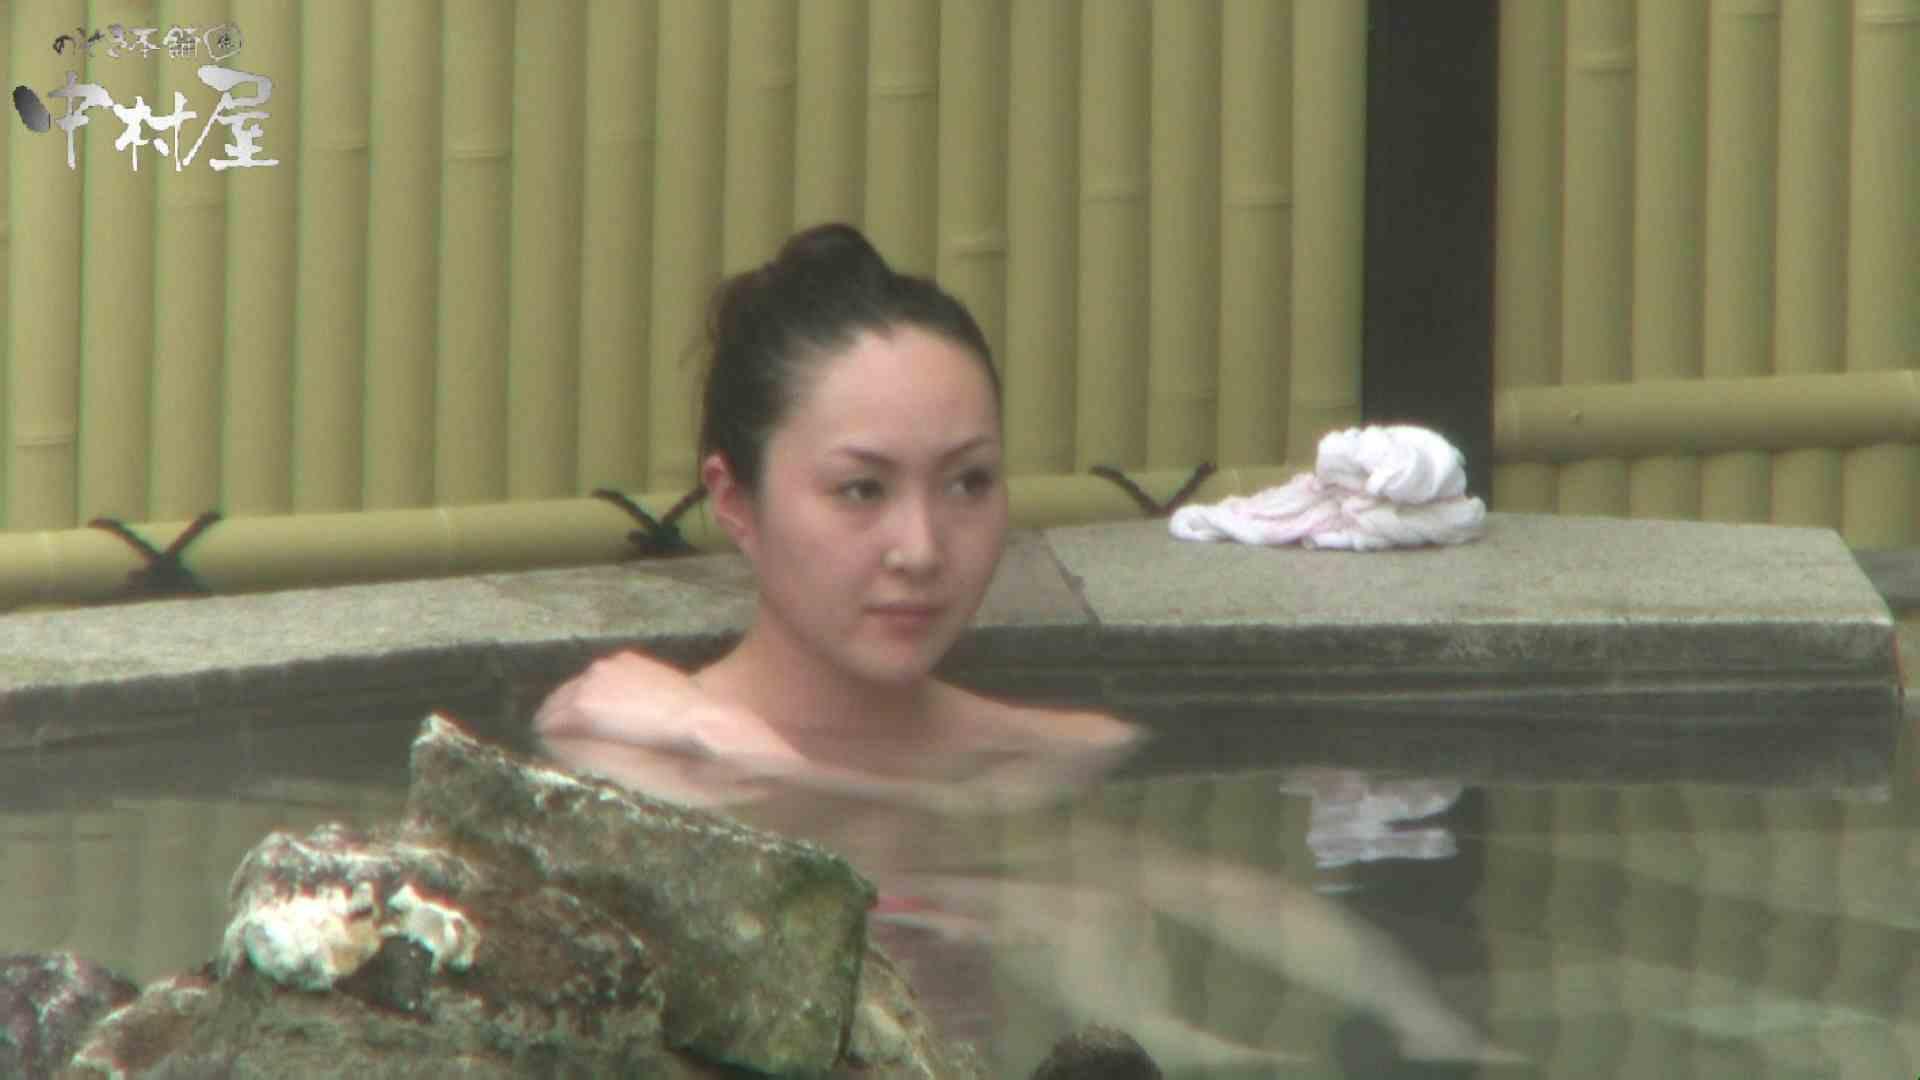 Aquaな露天風呂Vol.956 露天風呂  10枚 10